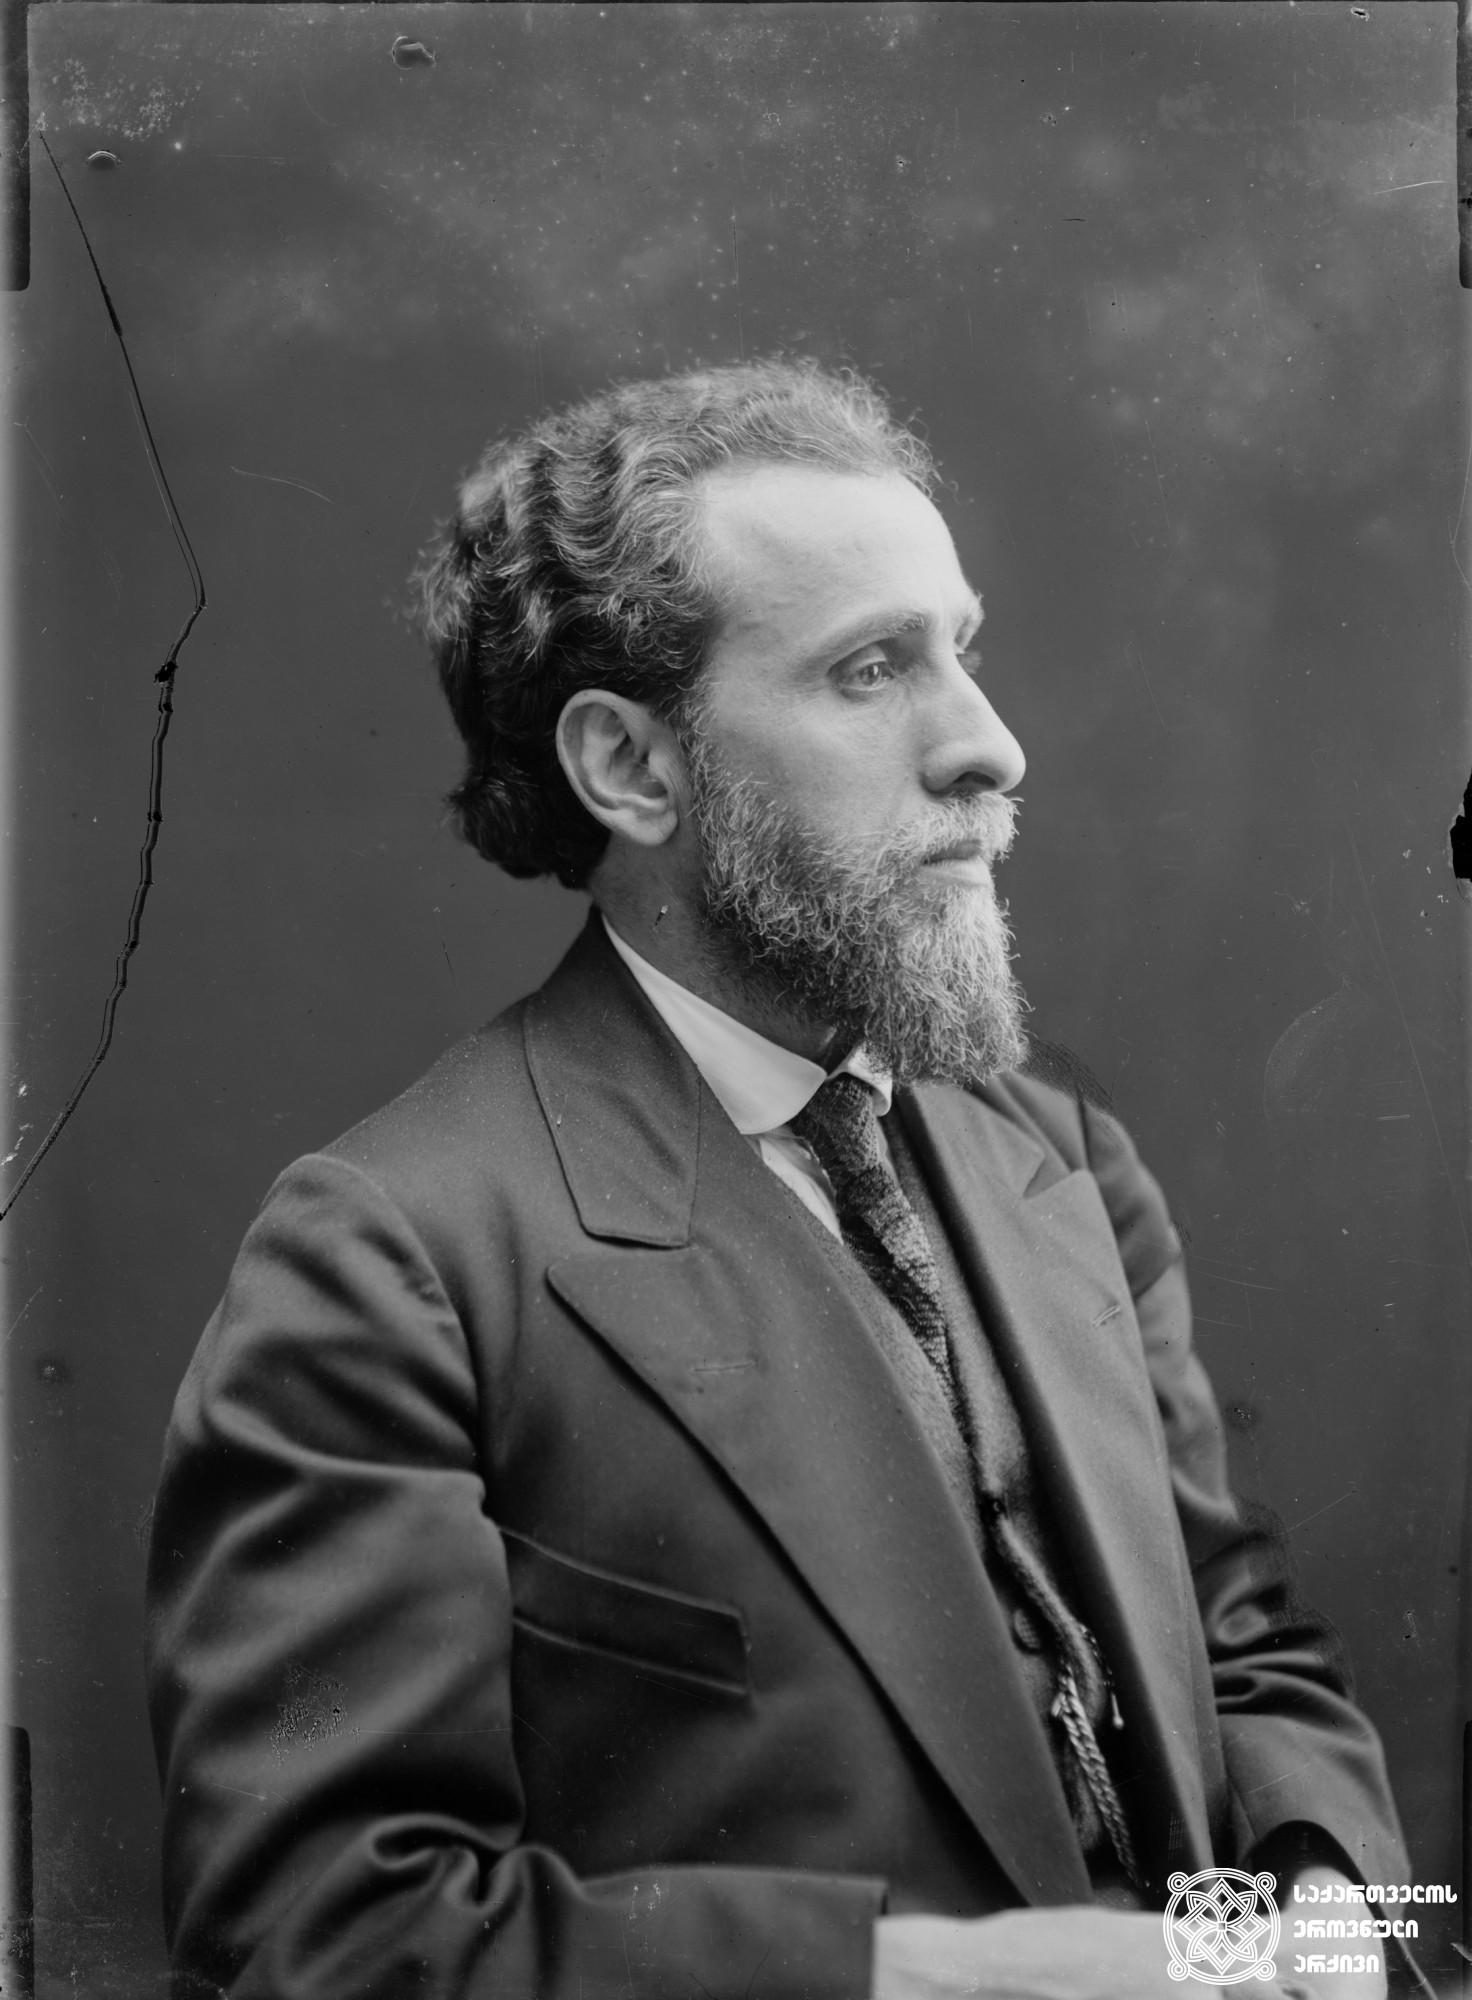 სამსონ ფირცხალავა (1872-1952), პოლიტიკური მოღვაწე და პუბლიცისტი. <br>  მინის ნეგატივი 12X16. <br> Samson Pirtskhalava (1872-1952), Political figure and publicist. <br> Glass negative 12X16. <br>